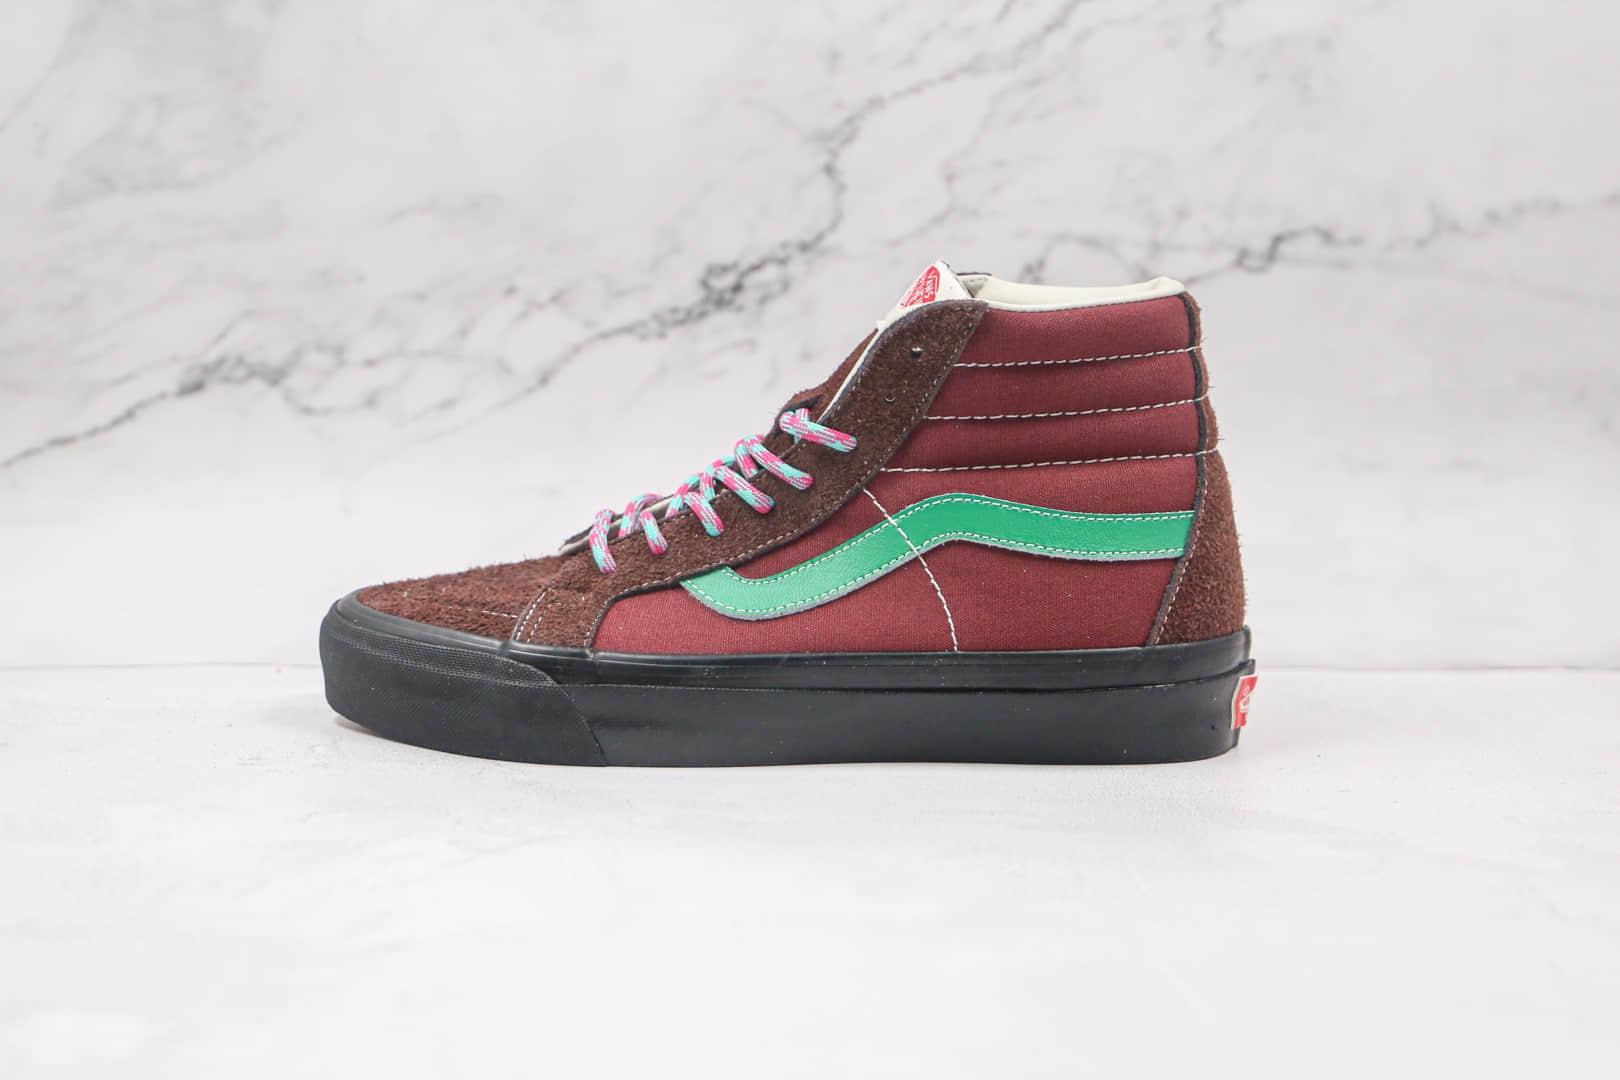 万斯Vans Vault OG SK8-Hi LX LJ901公司级版本高帮麂皮红绿硫化板鞋原盒原标原档案数据开发